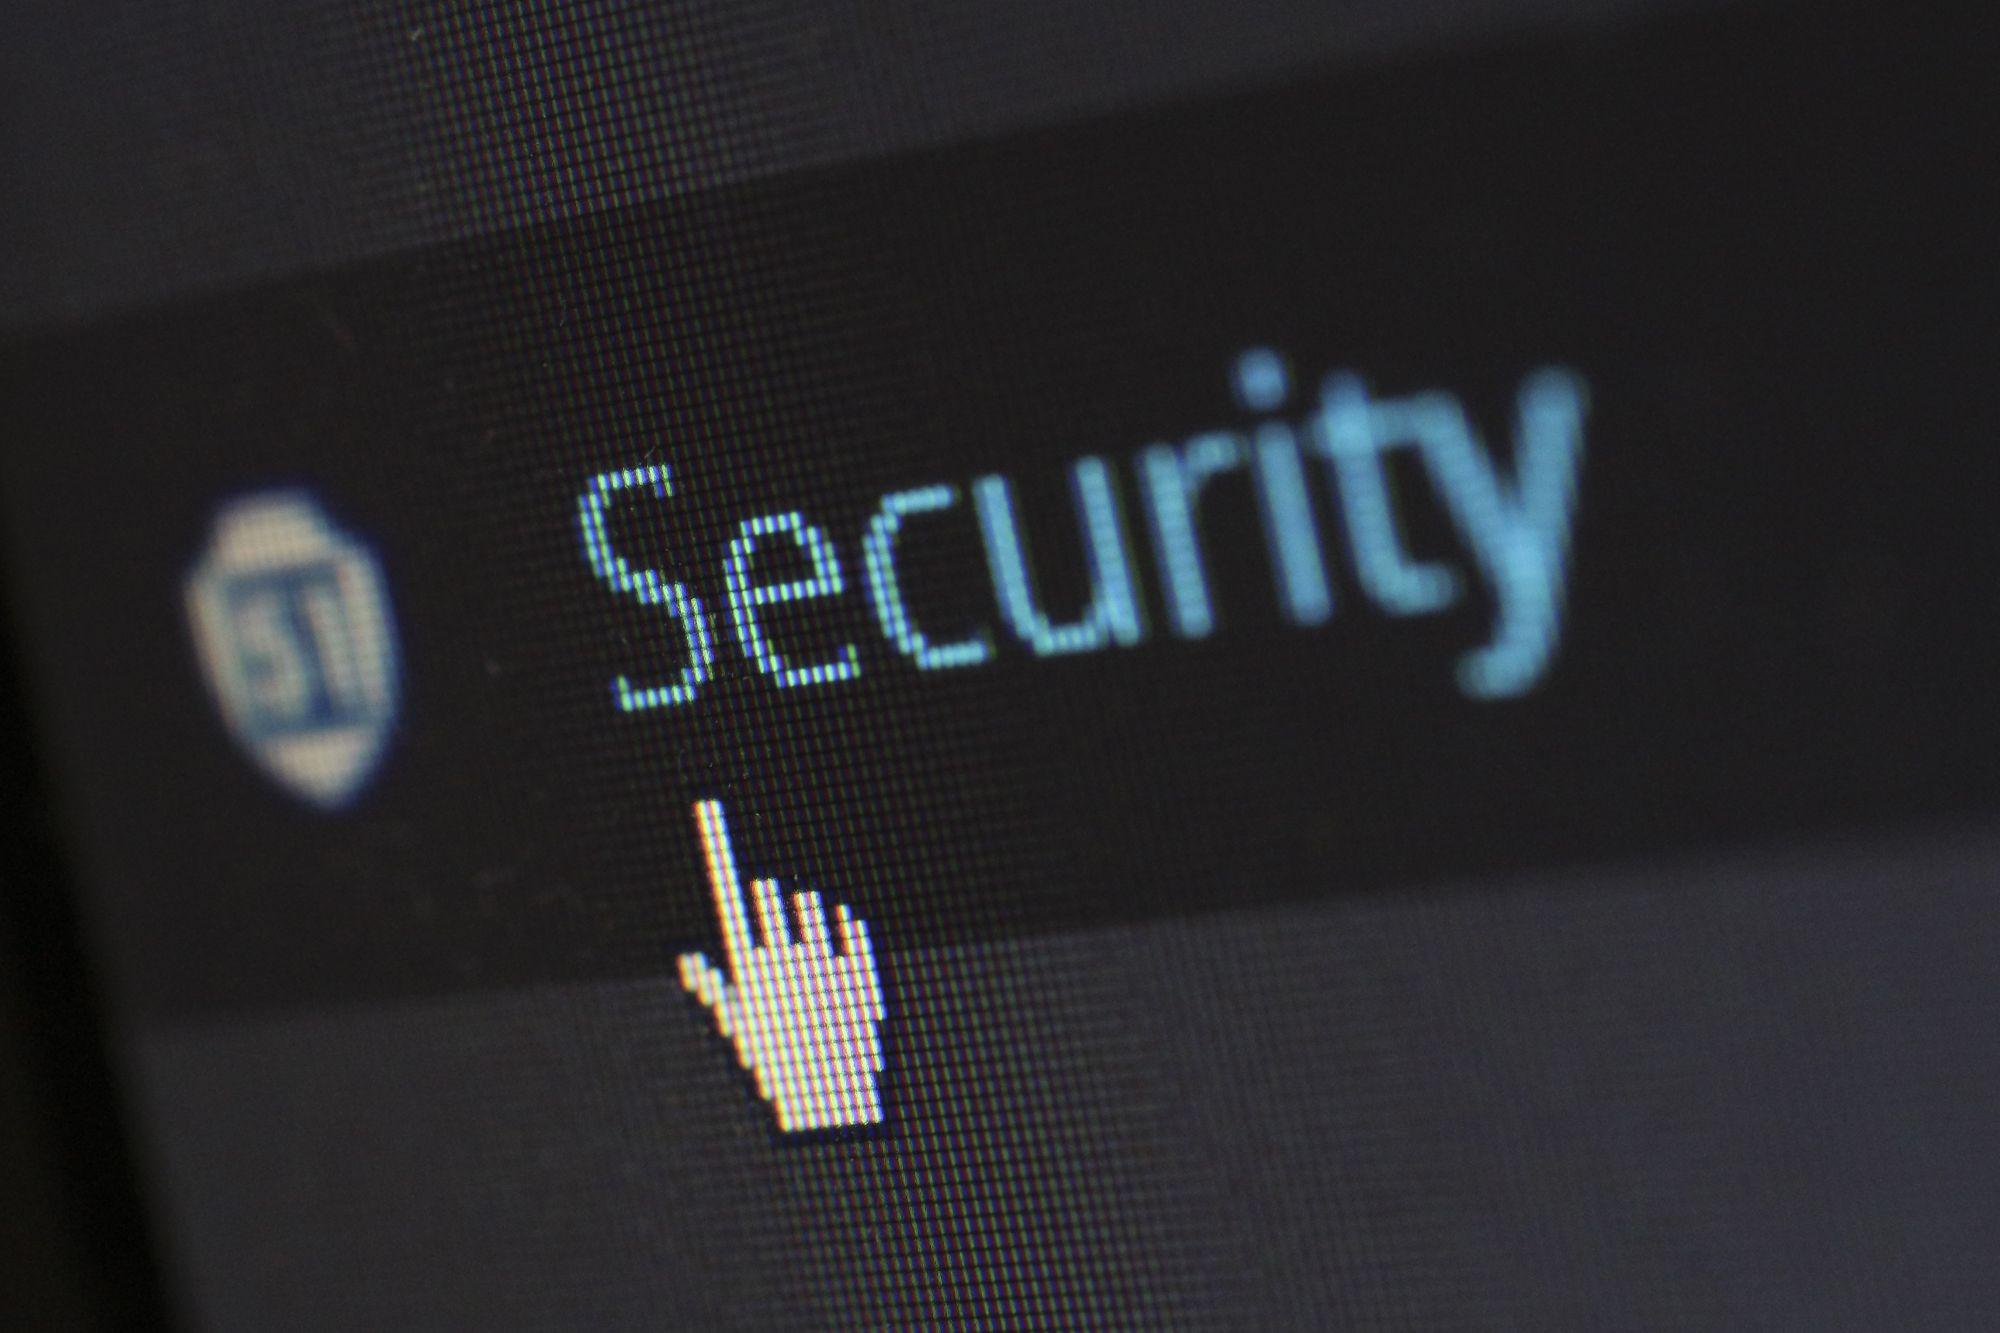 Impennata di cyber attacchi e attività ransomware